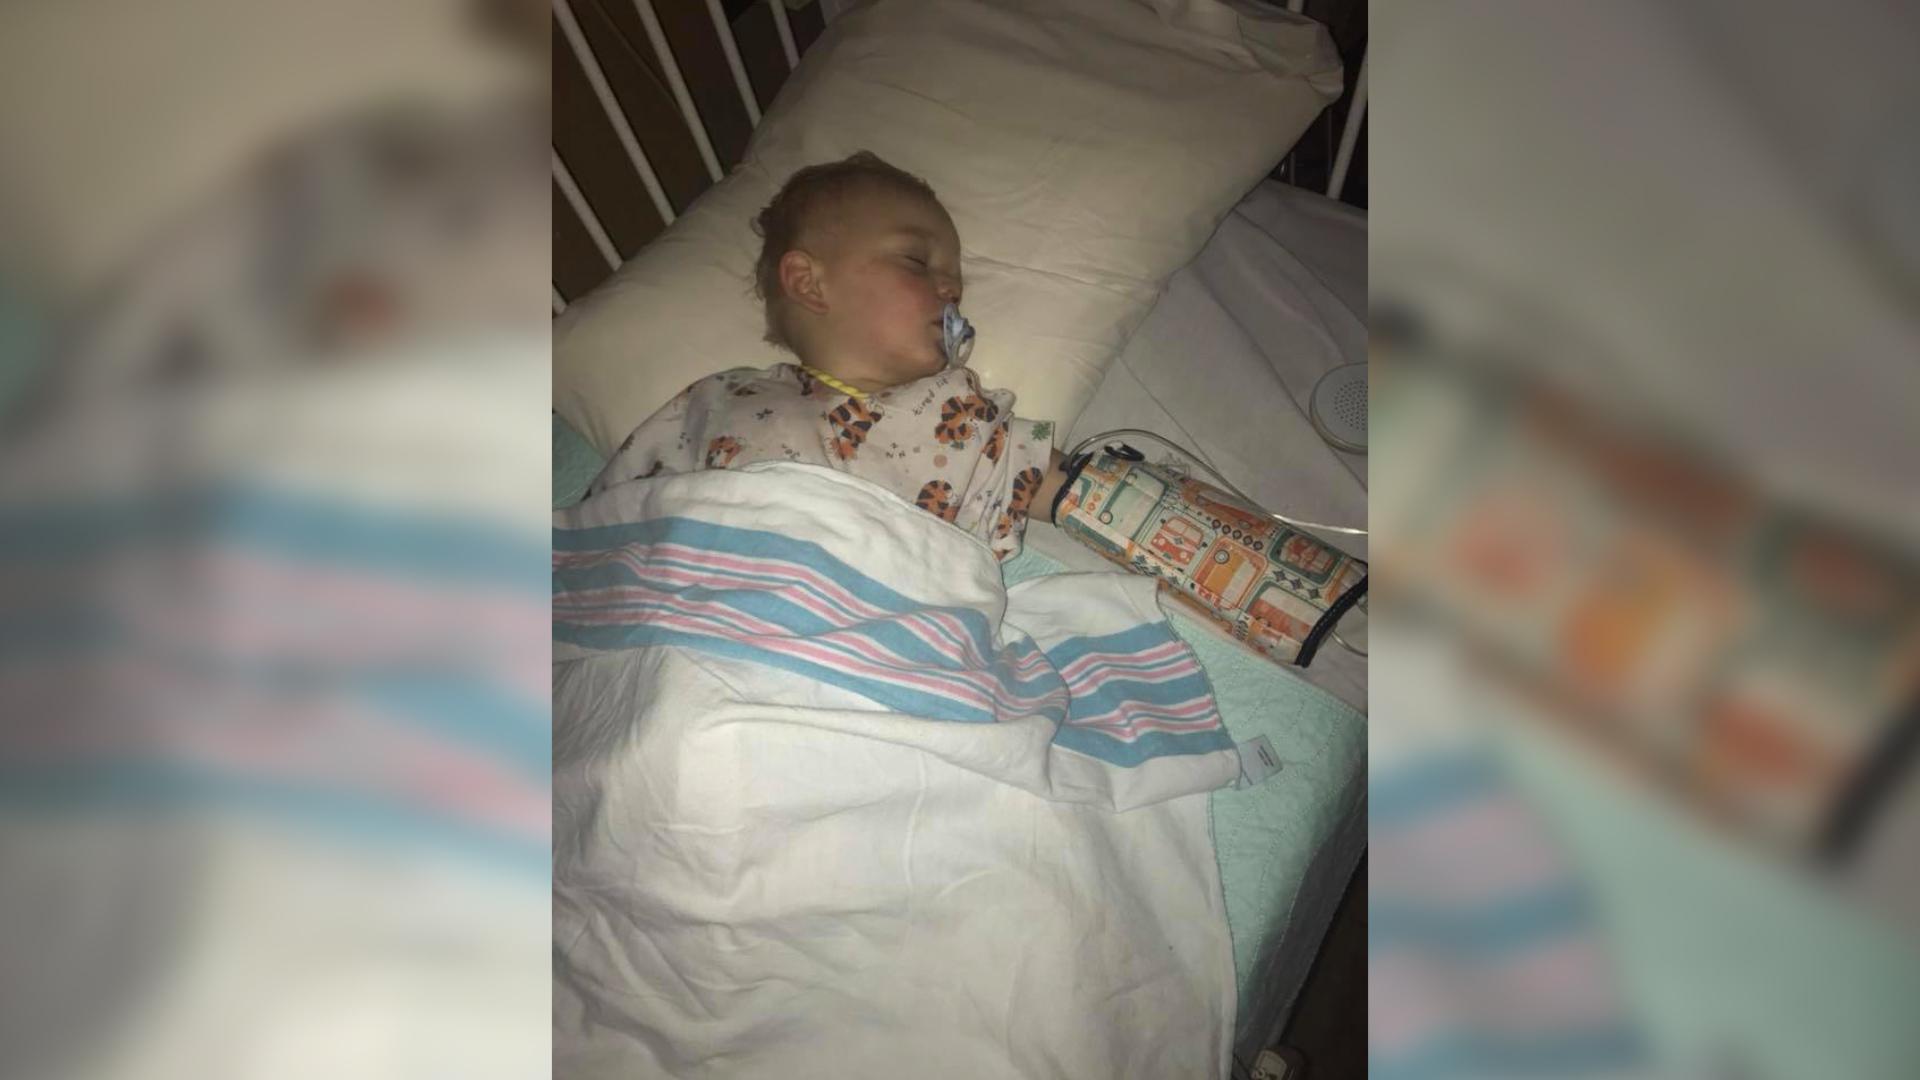 Zrezygnowała ze szczepienia dziecka